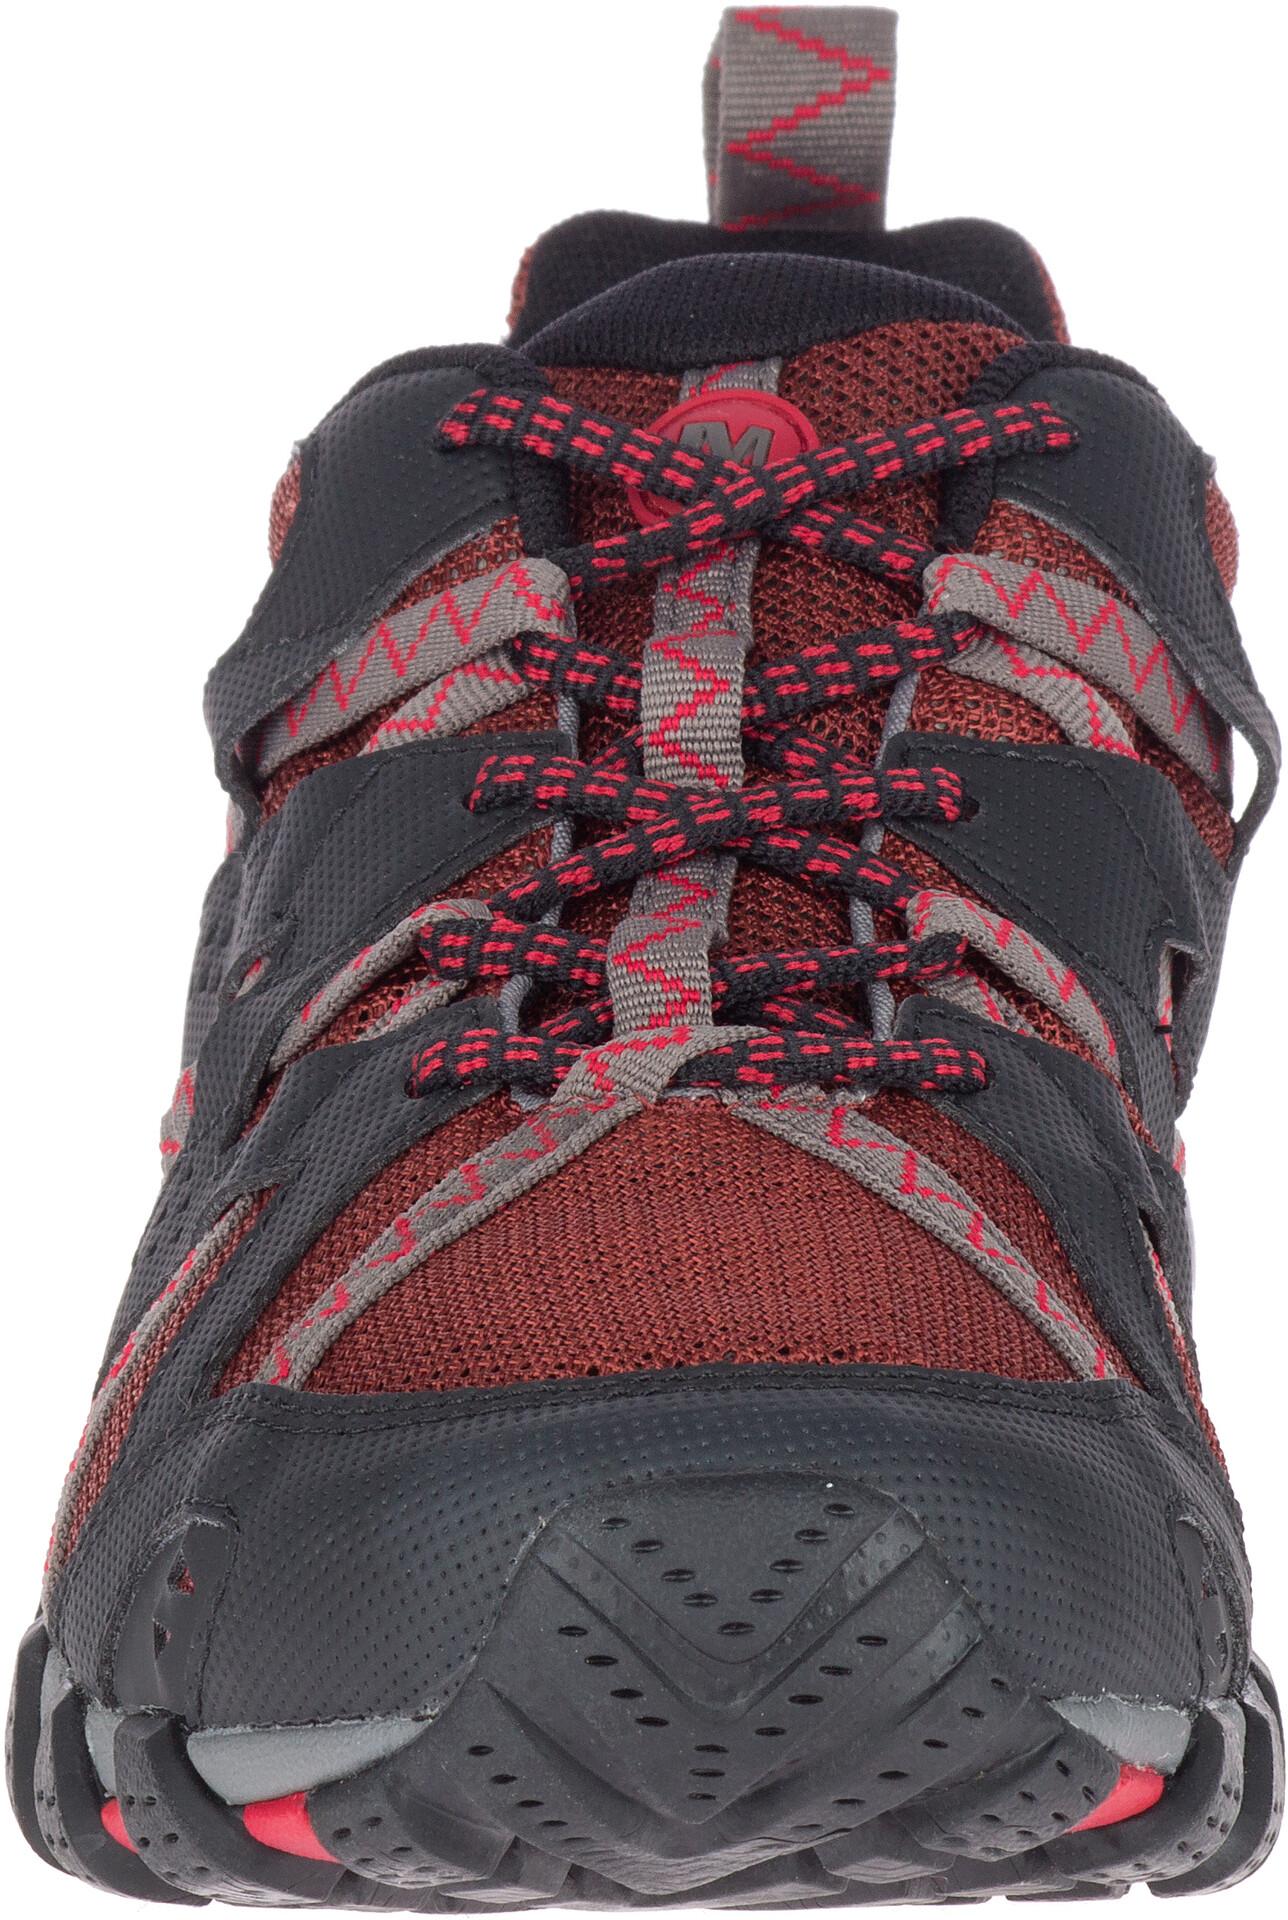 Merrell Waterpro Maipo 2 Chaussures Homme, hennacharcoal